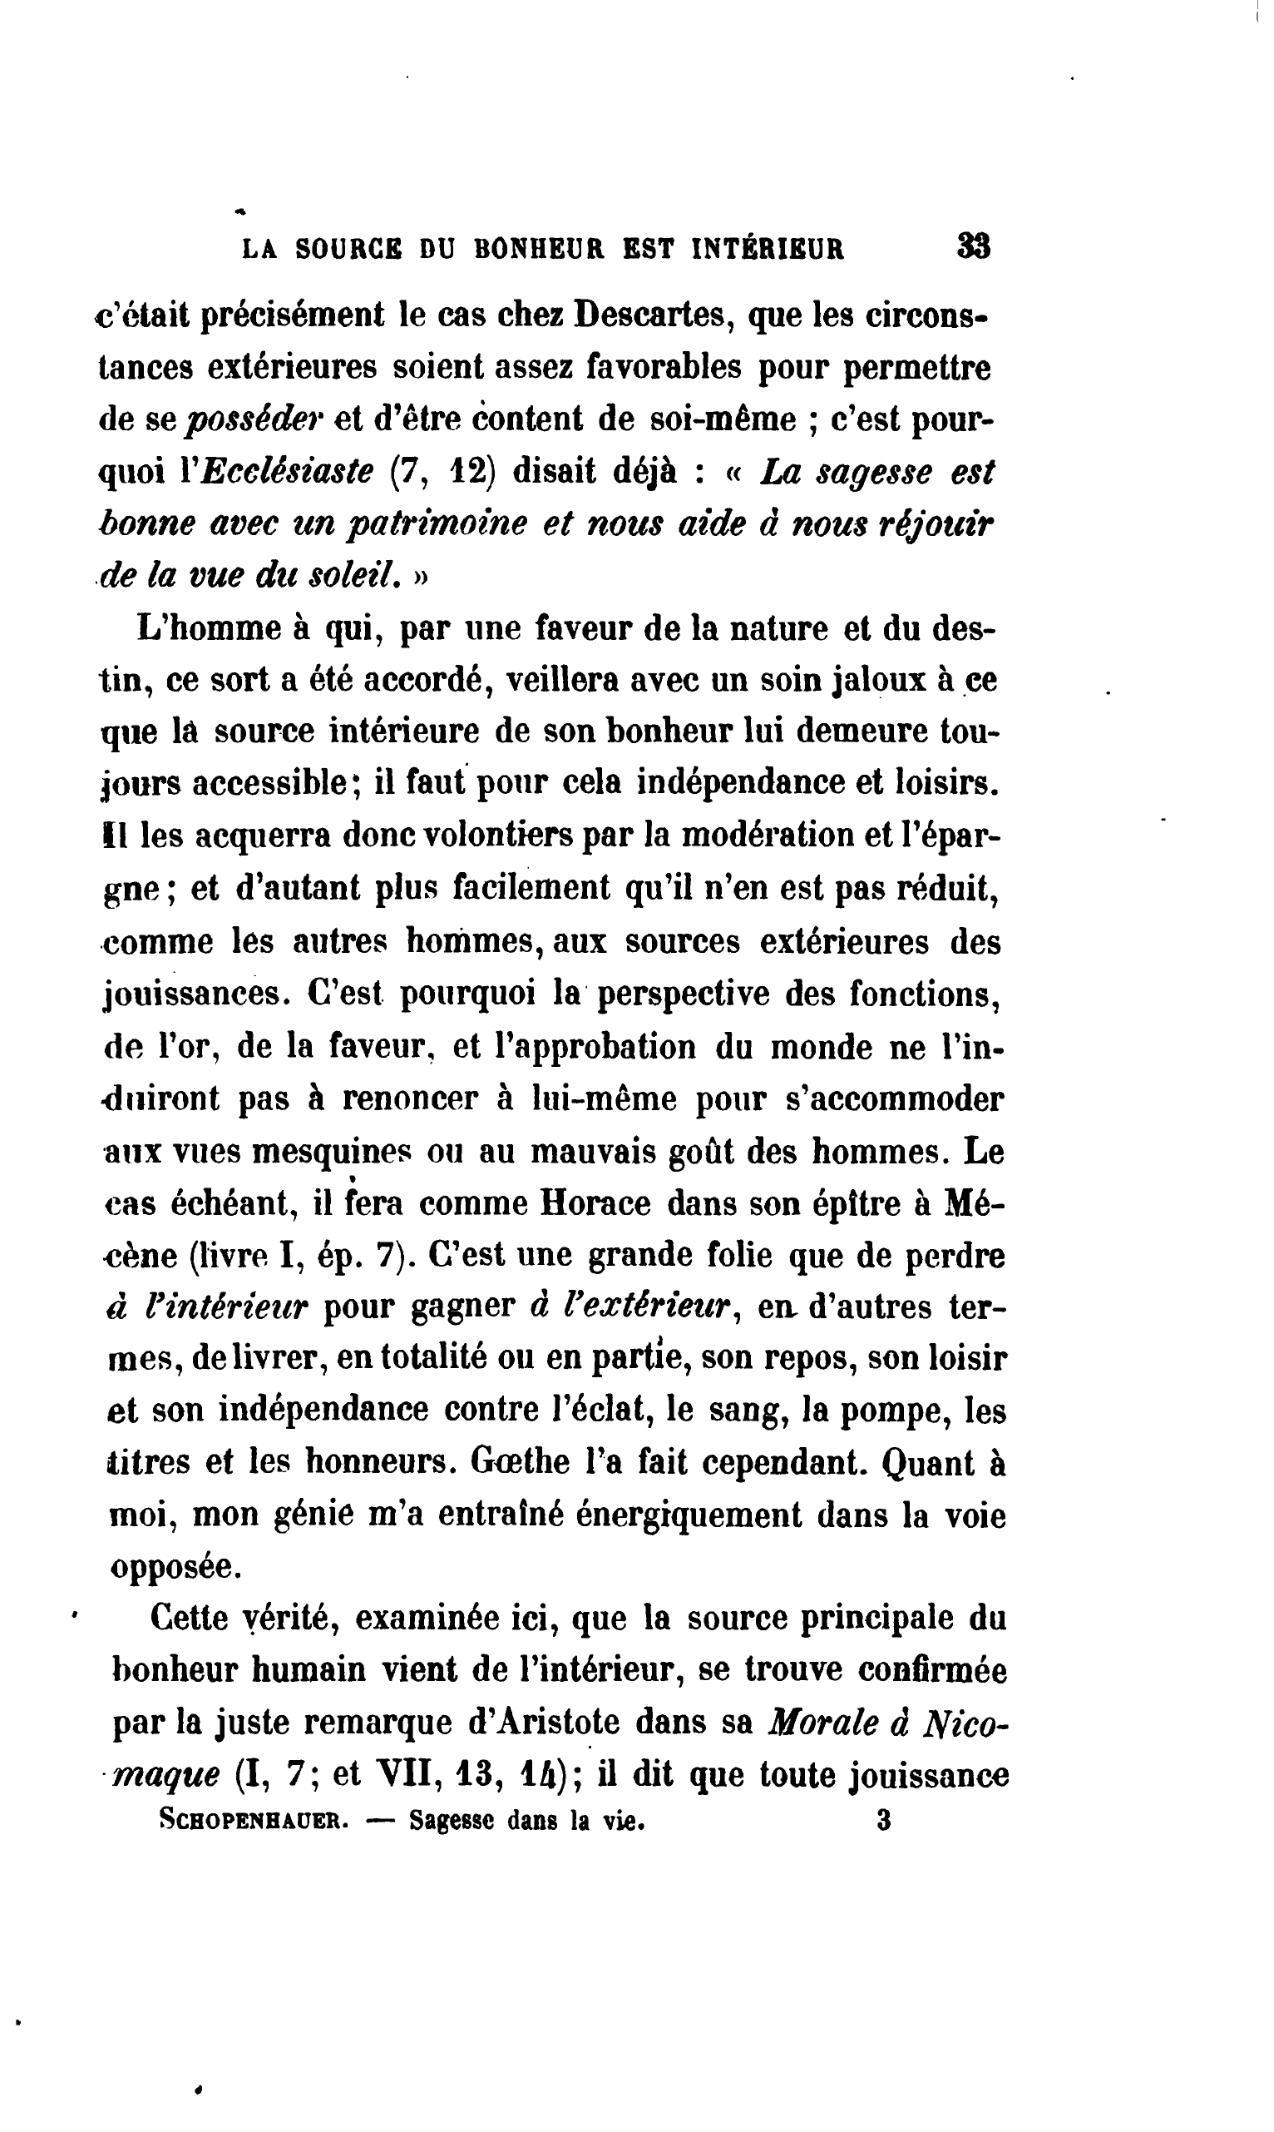 page schopenhauer aphorismes sur la sagesse dans la vie 1880 trad cantacuz. Black Bedroom Furniture Sets. Home Design Ideas